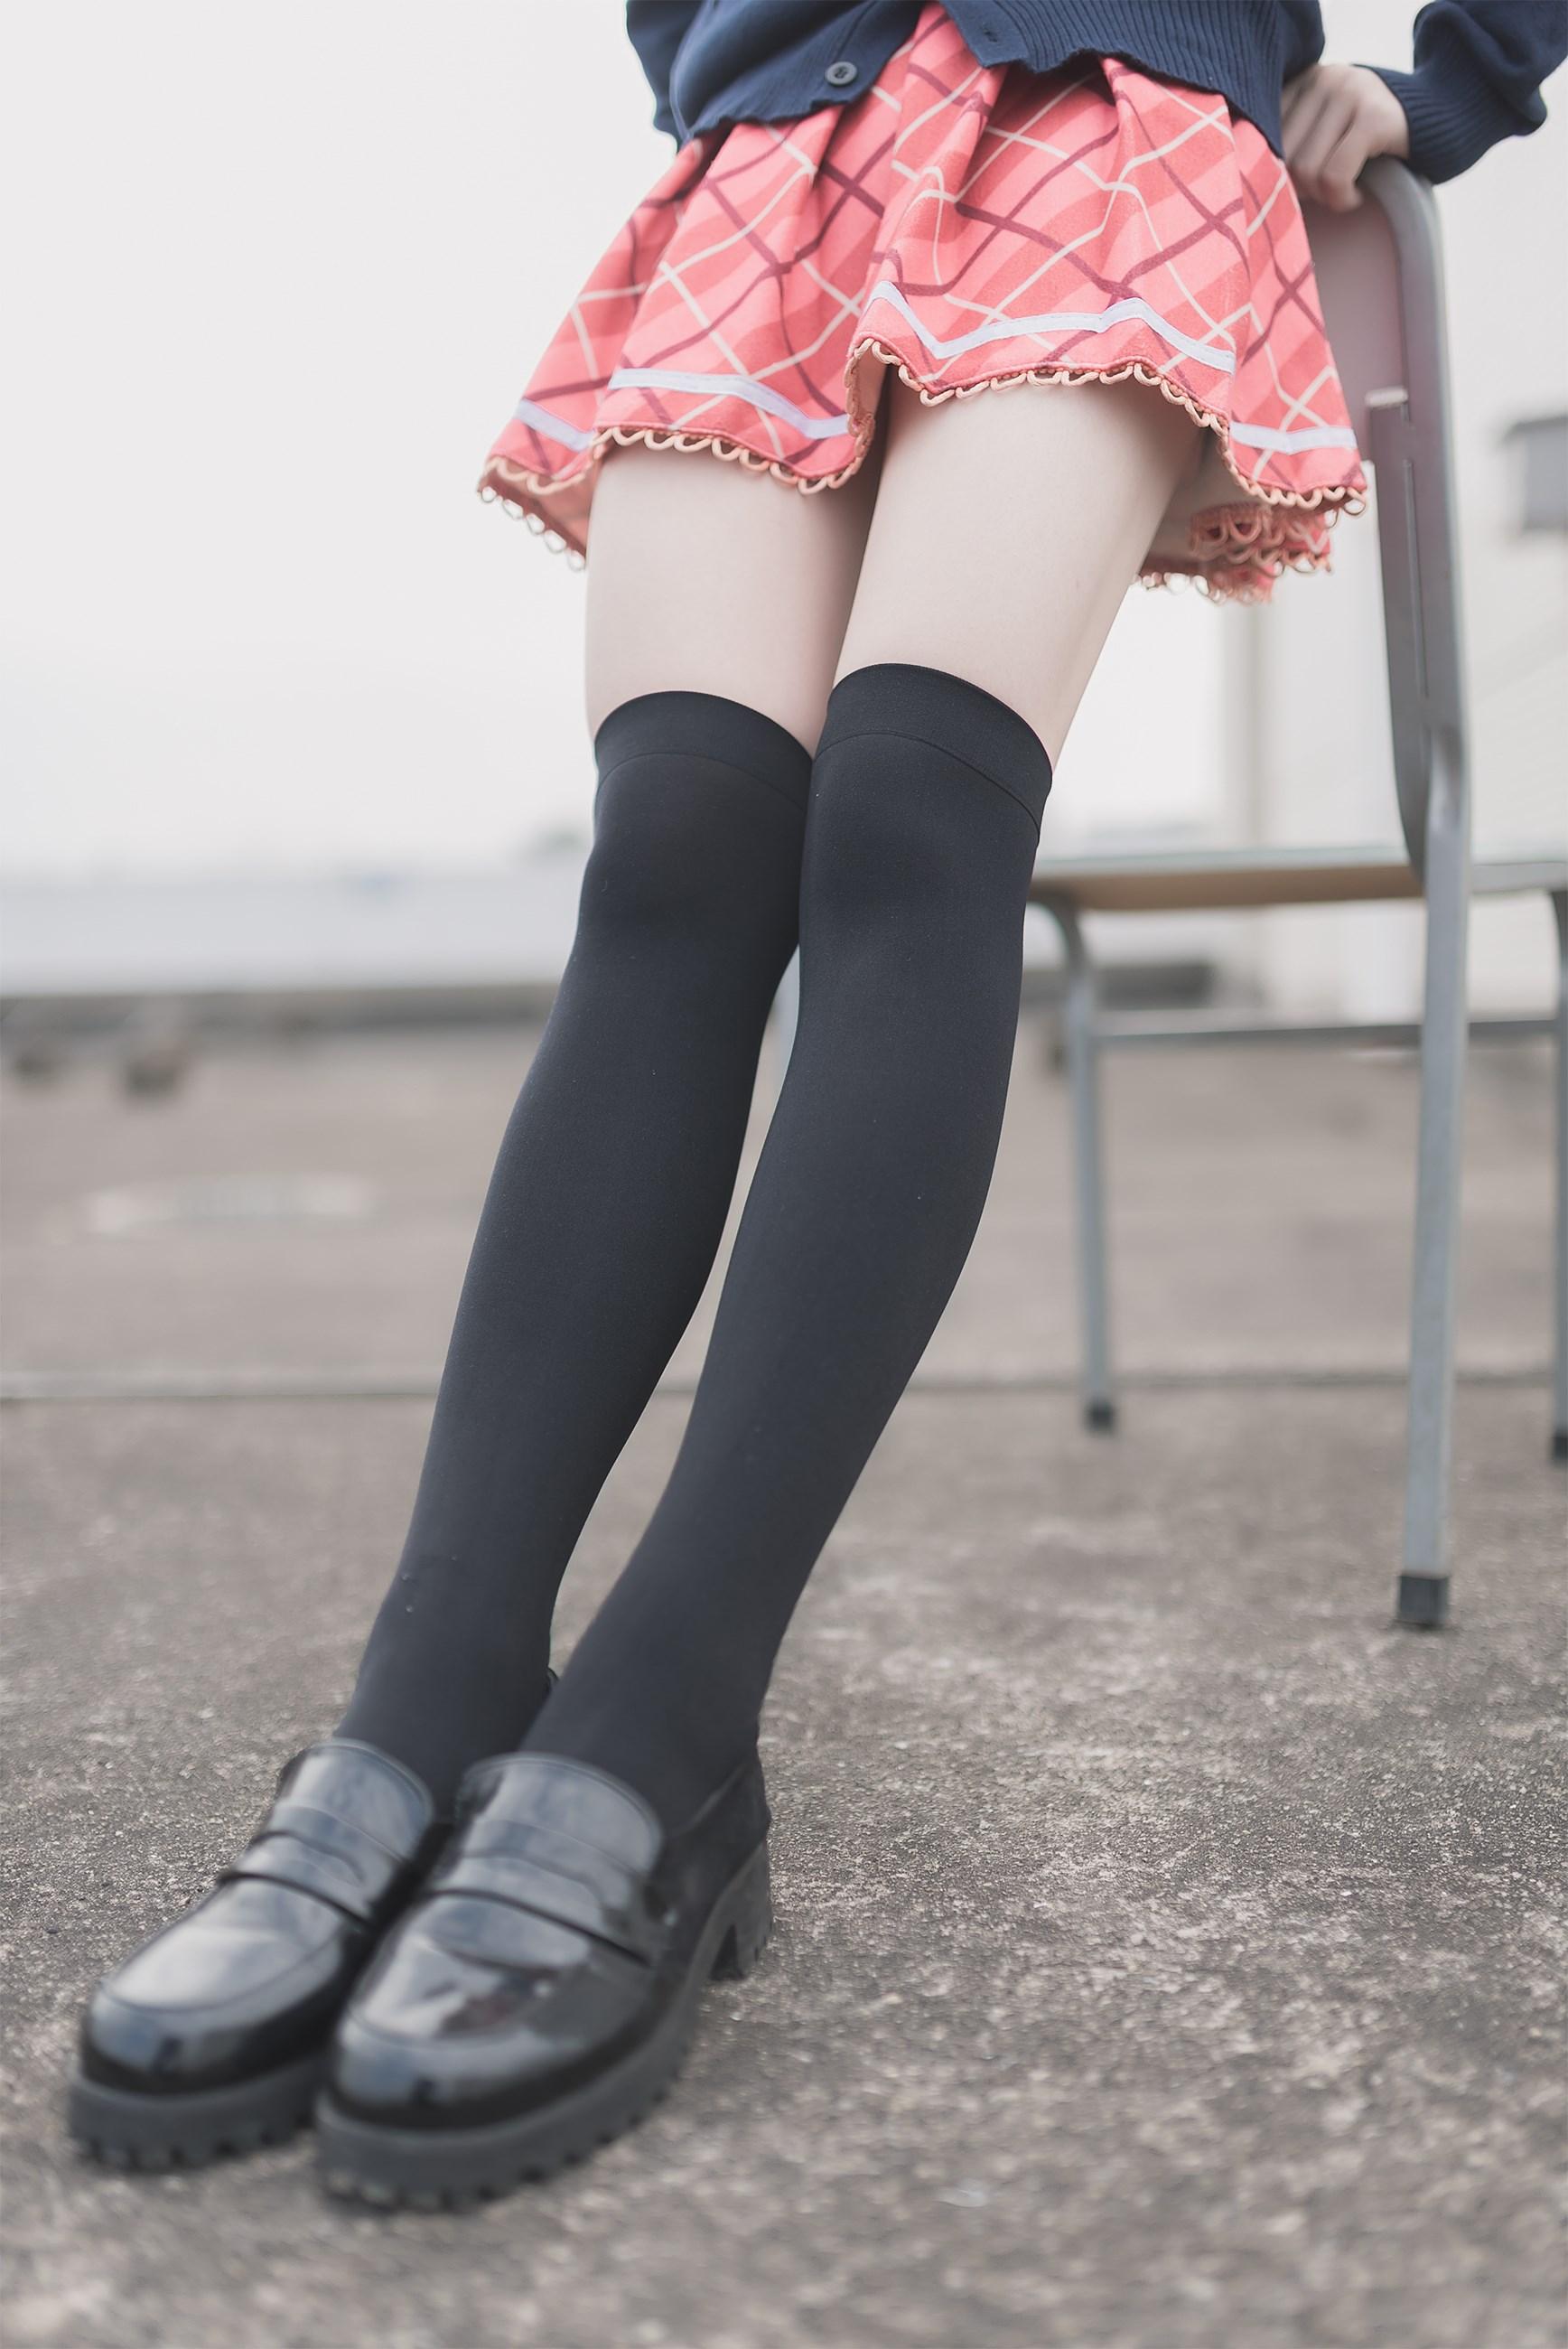 【兔玩映画】过膝袜 兔玩映画 第34张